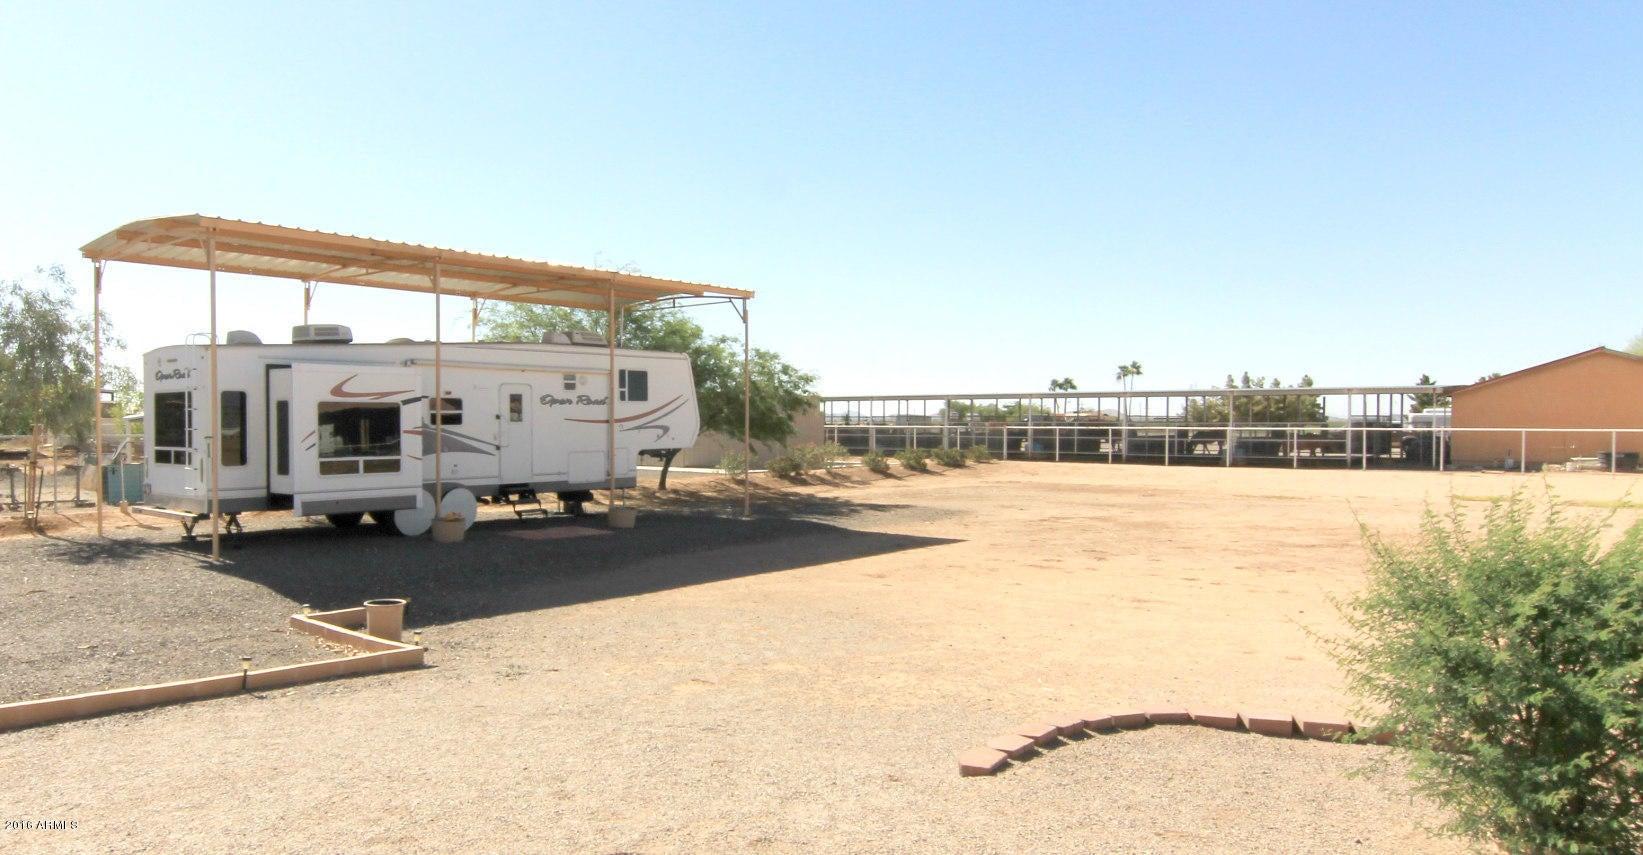 MLS 5459768 9404 E CHRISTIE Place, Coolidge, AZ 85128 Coolidge AZ Single-Story